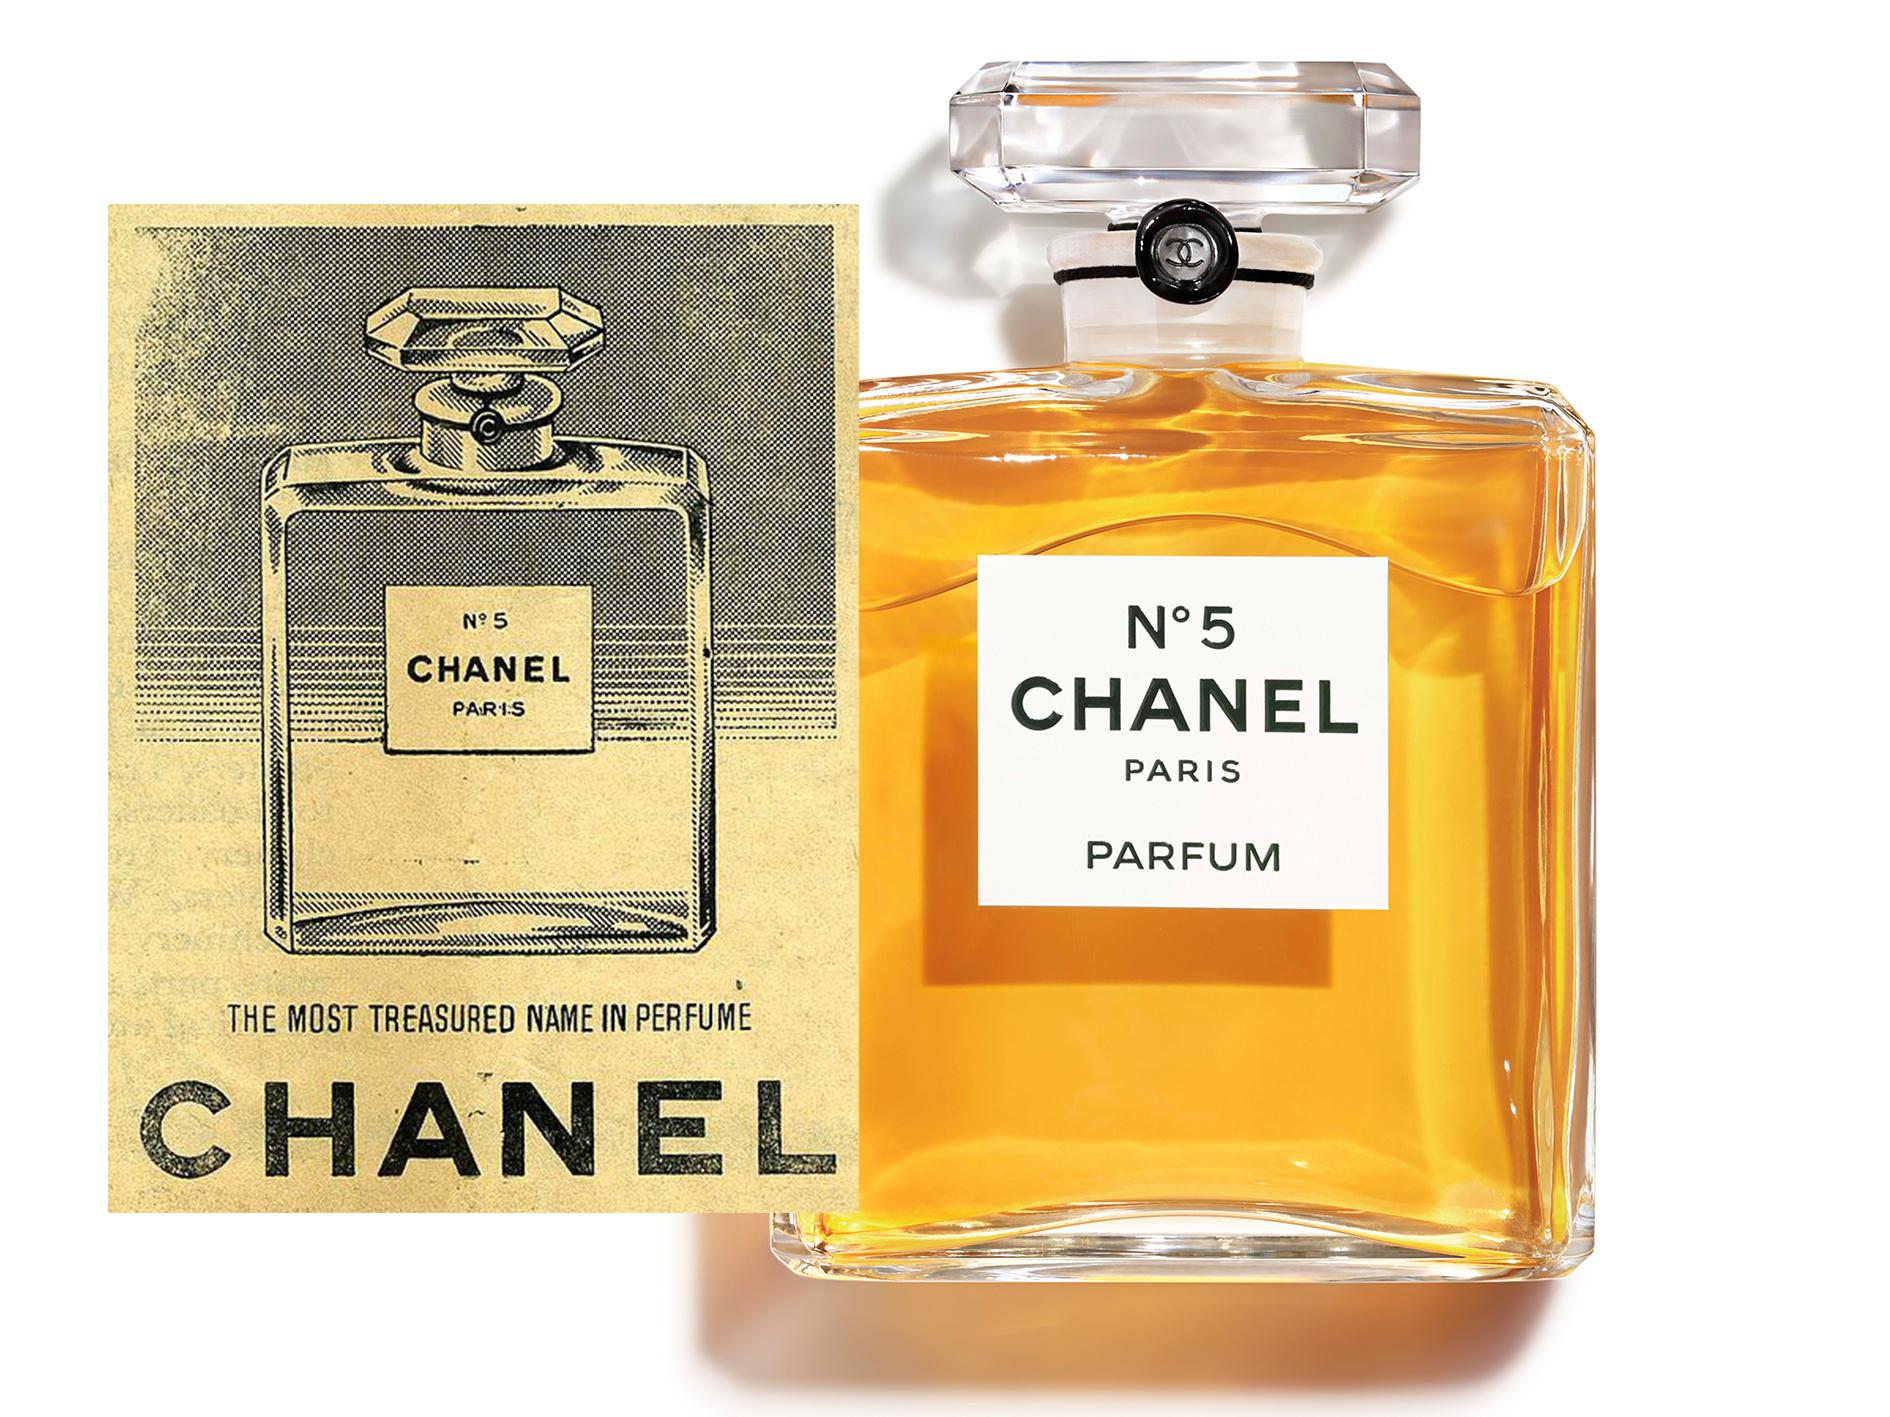 The world's most well known eau de parfum.  Images via Chanel.